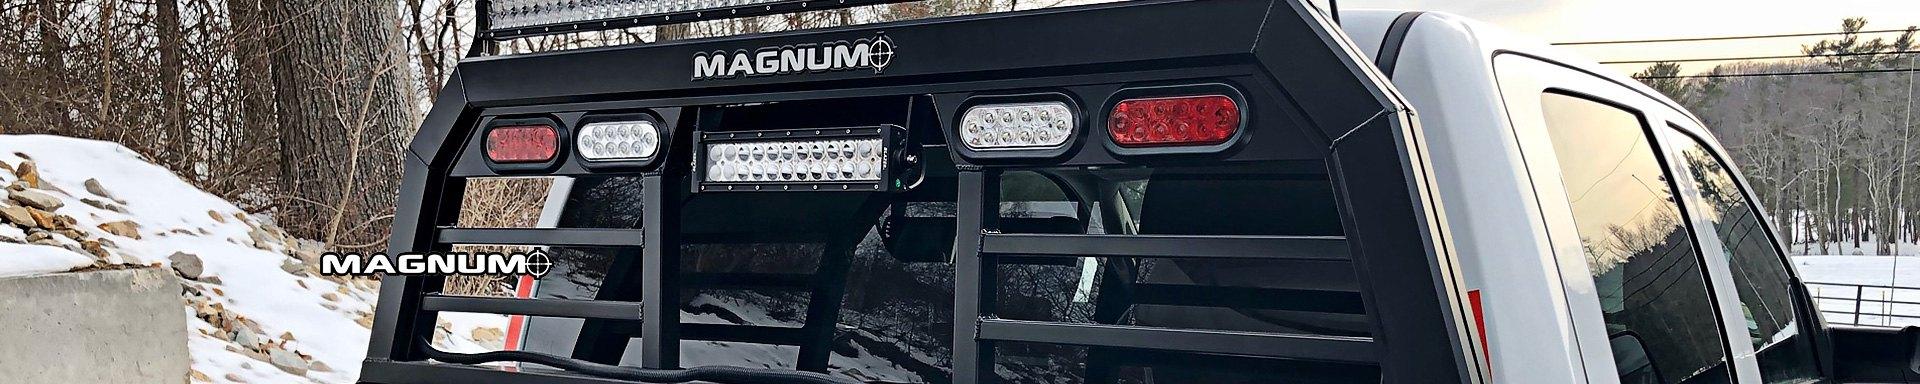 Magnum Truck Racks